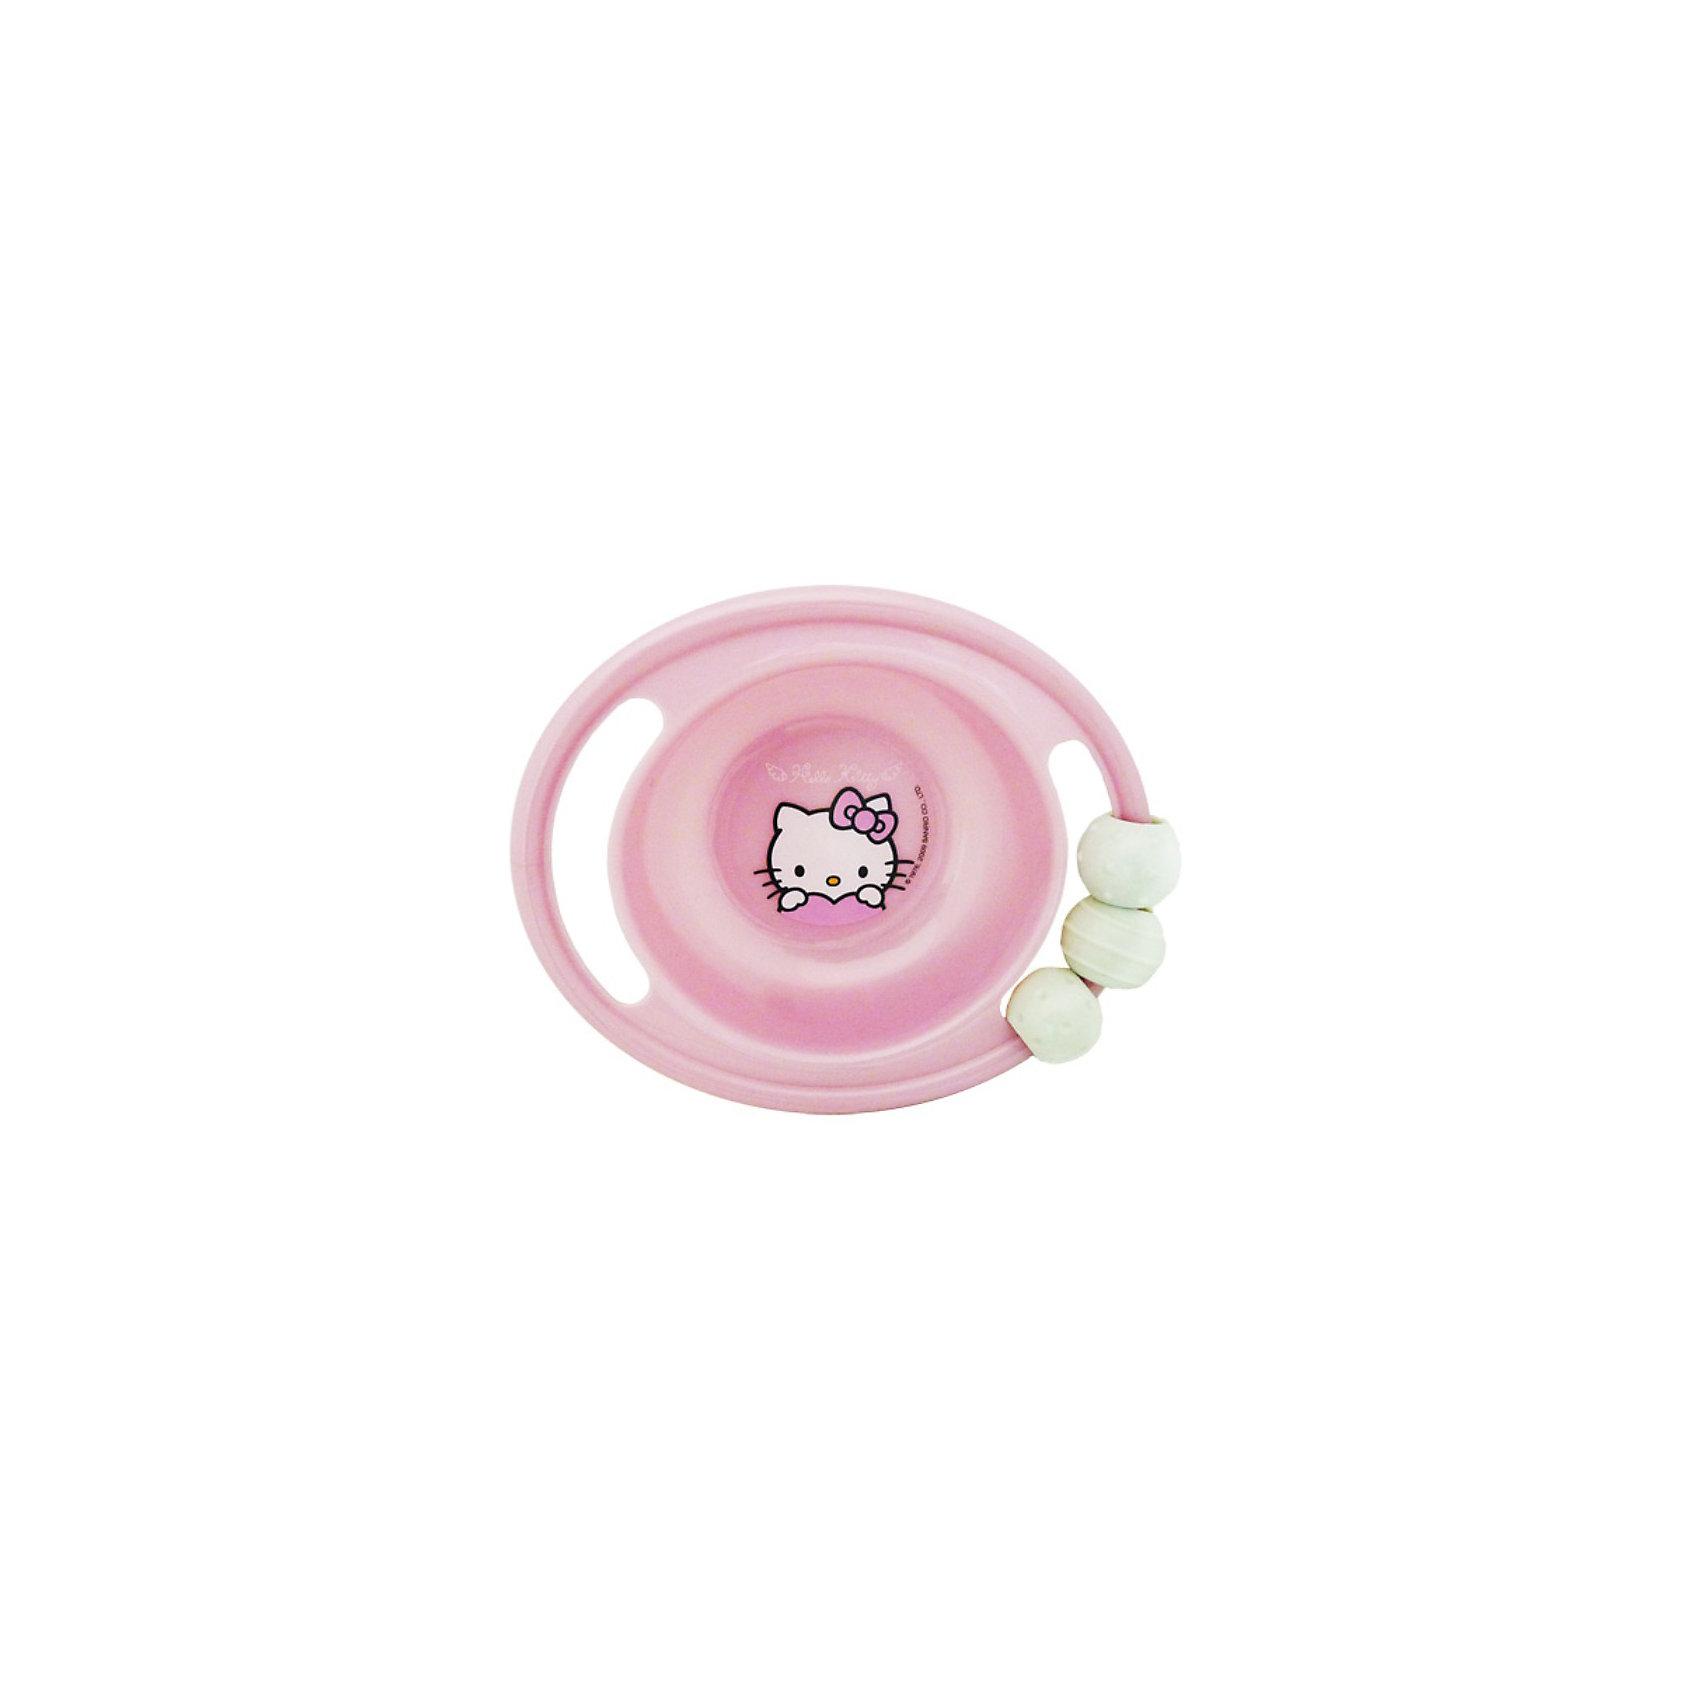 Миска-погремушка с резинкой против скольжения, Hello KittyПроизведено по лицензии Sanrio. <br><br>Миска-погремушка с резинкой против скольжения, Hello Kitty - это глубокая тарелка с изображением любимой героини. Миска изготовлена из пищевого пластика, который полностью безвреден для ребенка. У тарелки две удобные ручки. На одной из ручек прикреплена погремушка и резинка против скольжения.<br><br>Дополнительная информация:<br>- Диаметр тарелки составляет 20 см, глубина - 4.5 см<br>- Материал: пищевой пластик<br><br>Миску-погремушку с резинкой против скольжения, Hello Kitty можно купить в нашем магазине.<br><br>Ширина мм: 165<br>Глубина мм: 140<br>Высота мм: 50<br>Вес г: 119<br>Возраст от месяцев: 0<br>Возраст до месяцев: 36<br>Пол: Женский<br>Возраст: Детский<br>SKU: 3360699